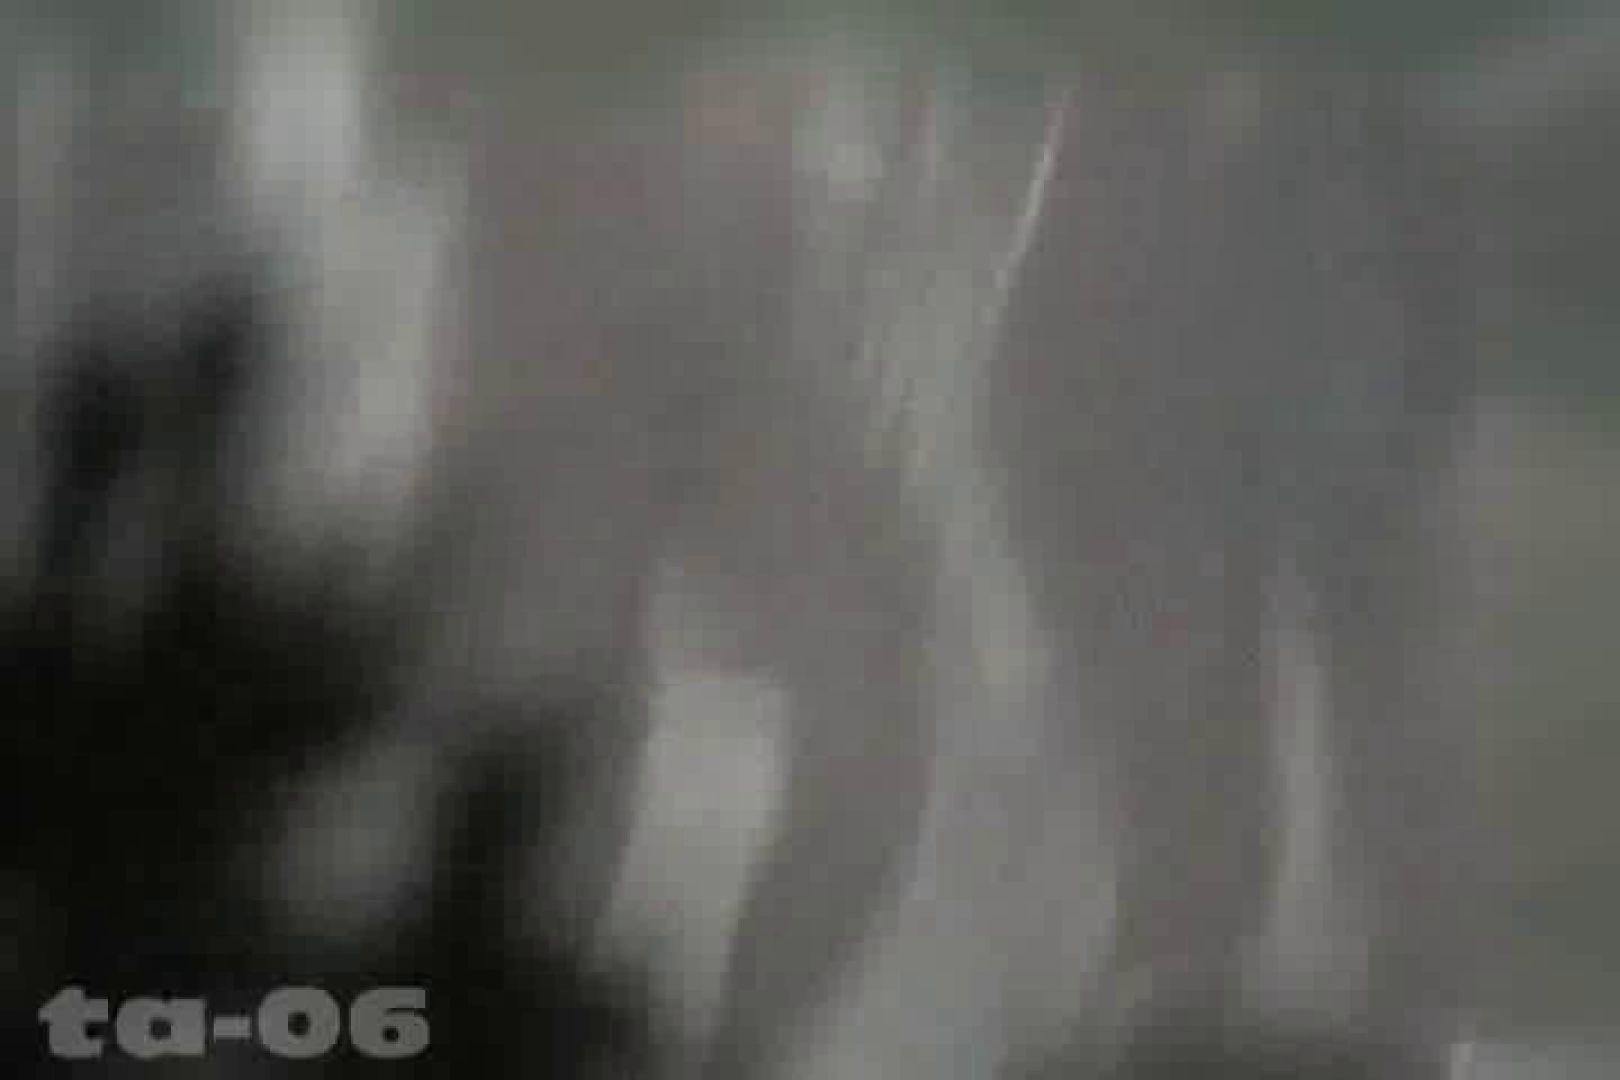 合宿ホテル女風呂盗撮高画質版 Vol.06 盗撮編 ぱこり動画紹介 91枚 3